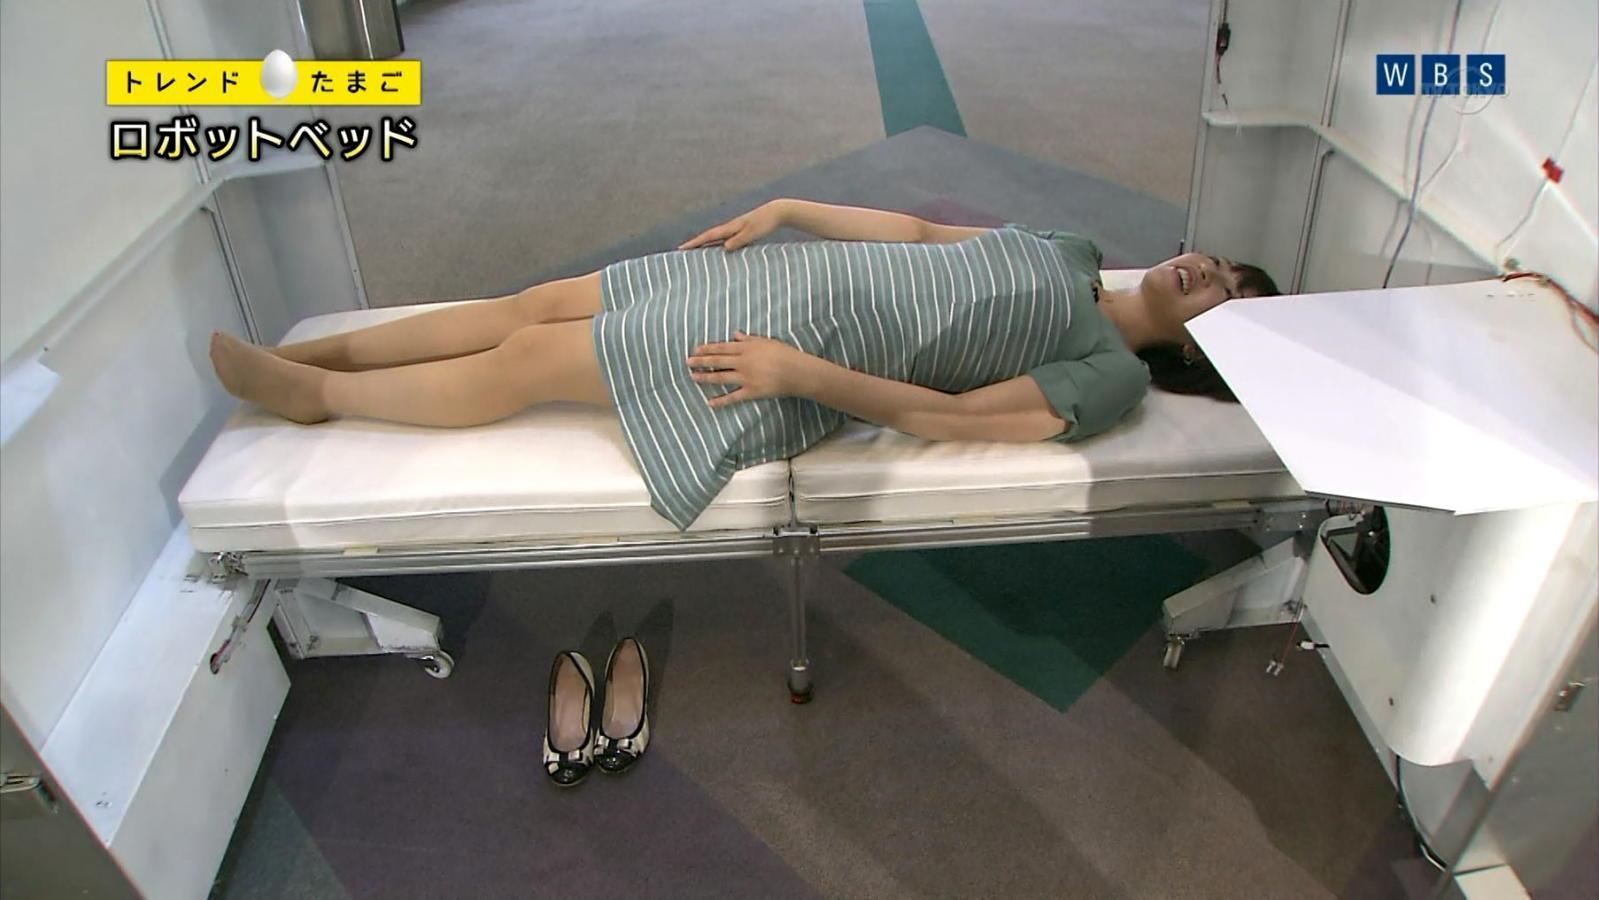 「ワールドビジネスサテライト」トレンドたまご、ミニスカワンピース衣装でベッドに横たわる相内優香